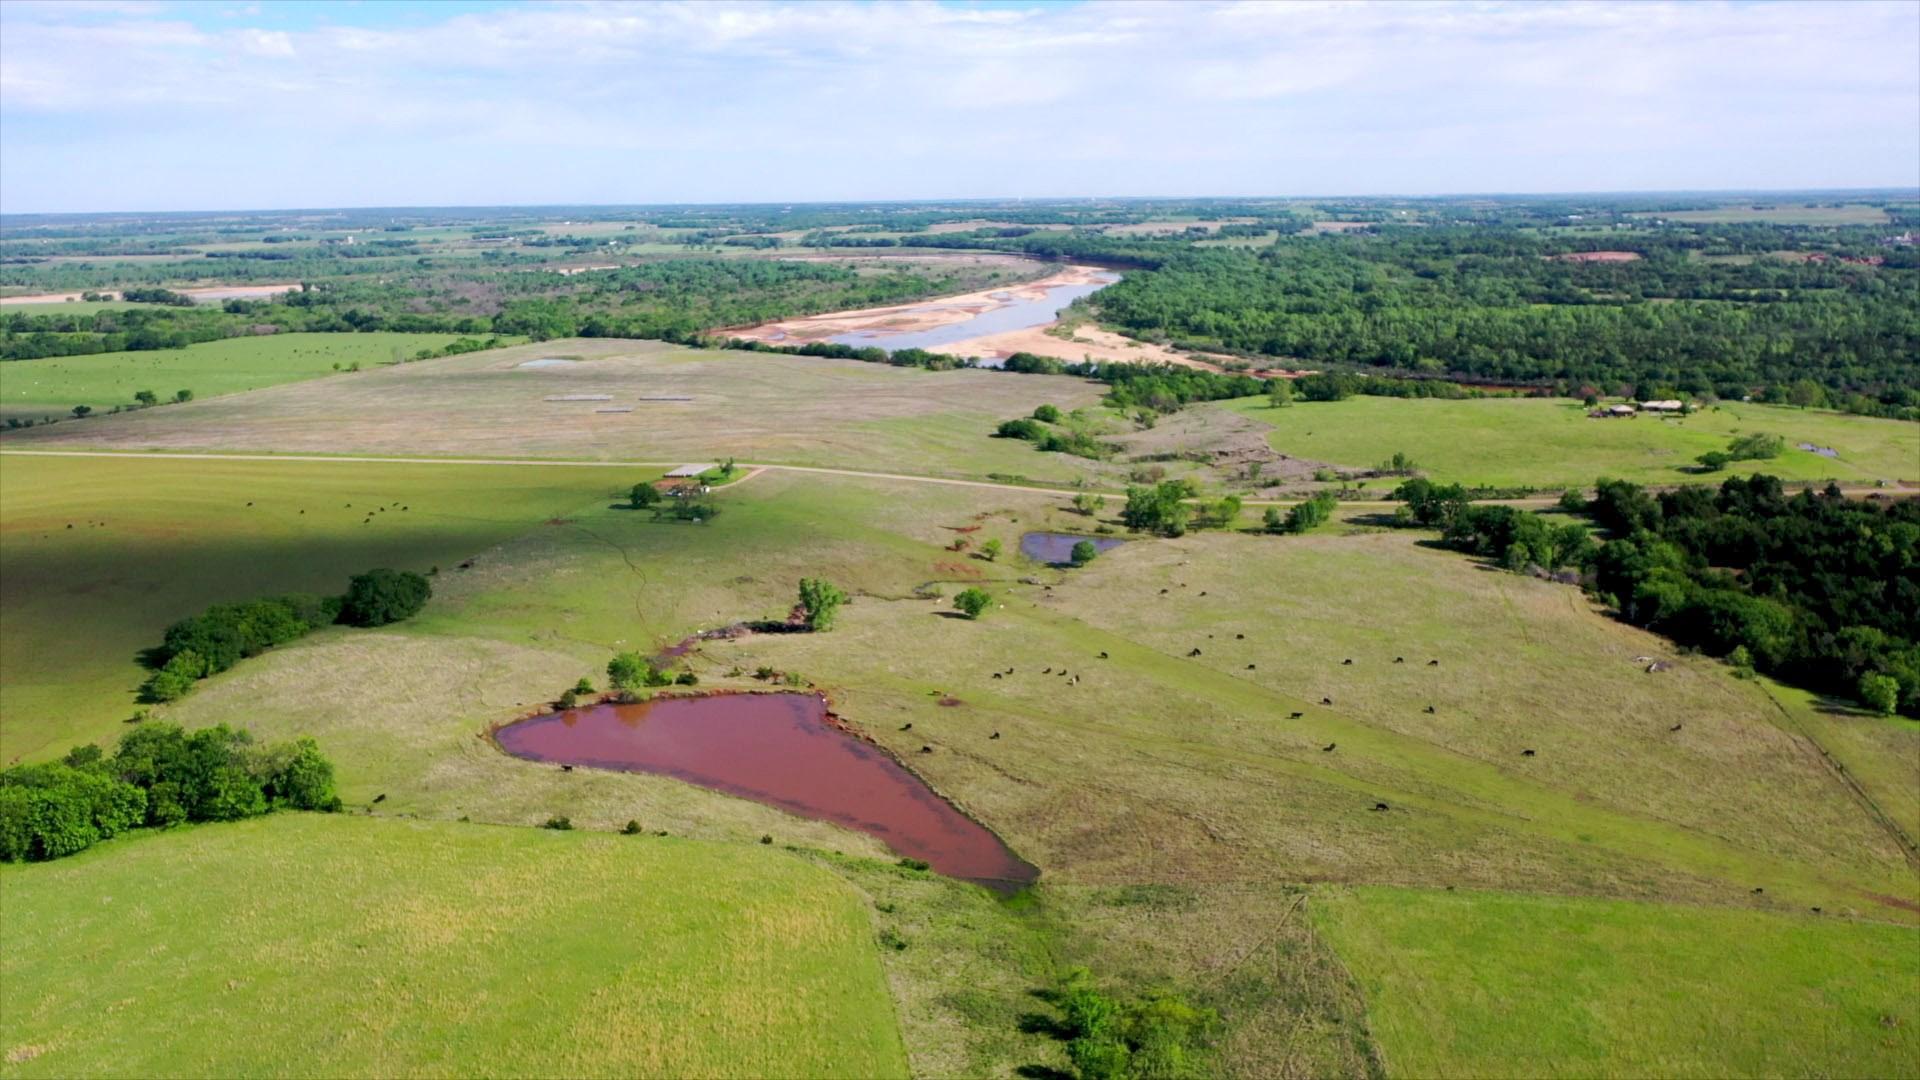 No Reserve Land Auction, Perkins OK, June 15 @ 6:30 p.m.